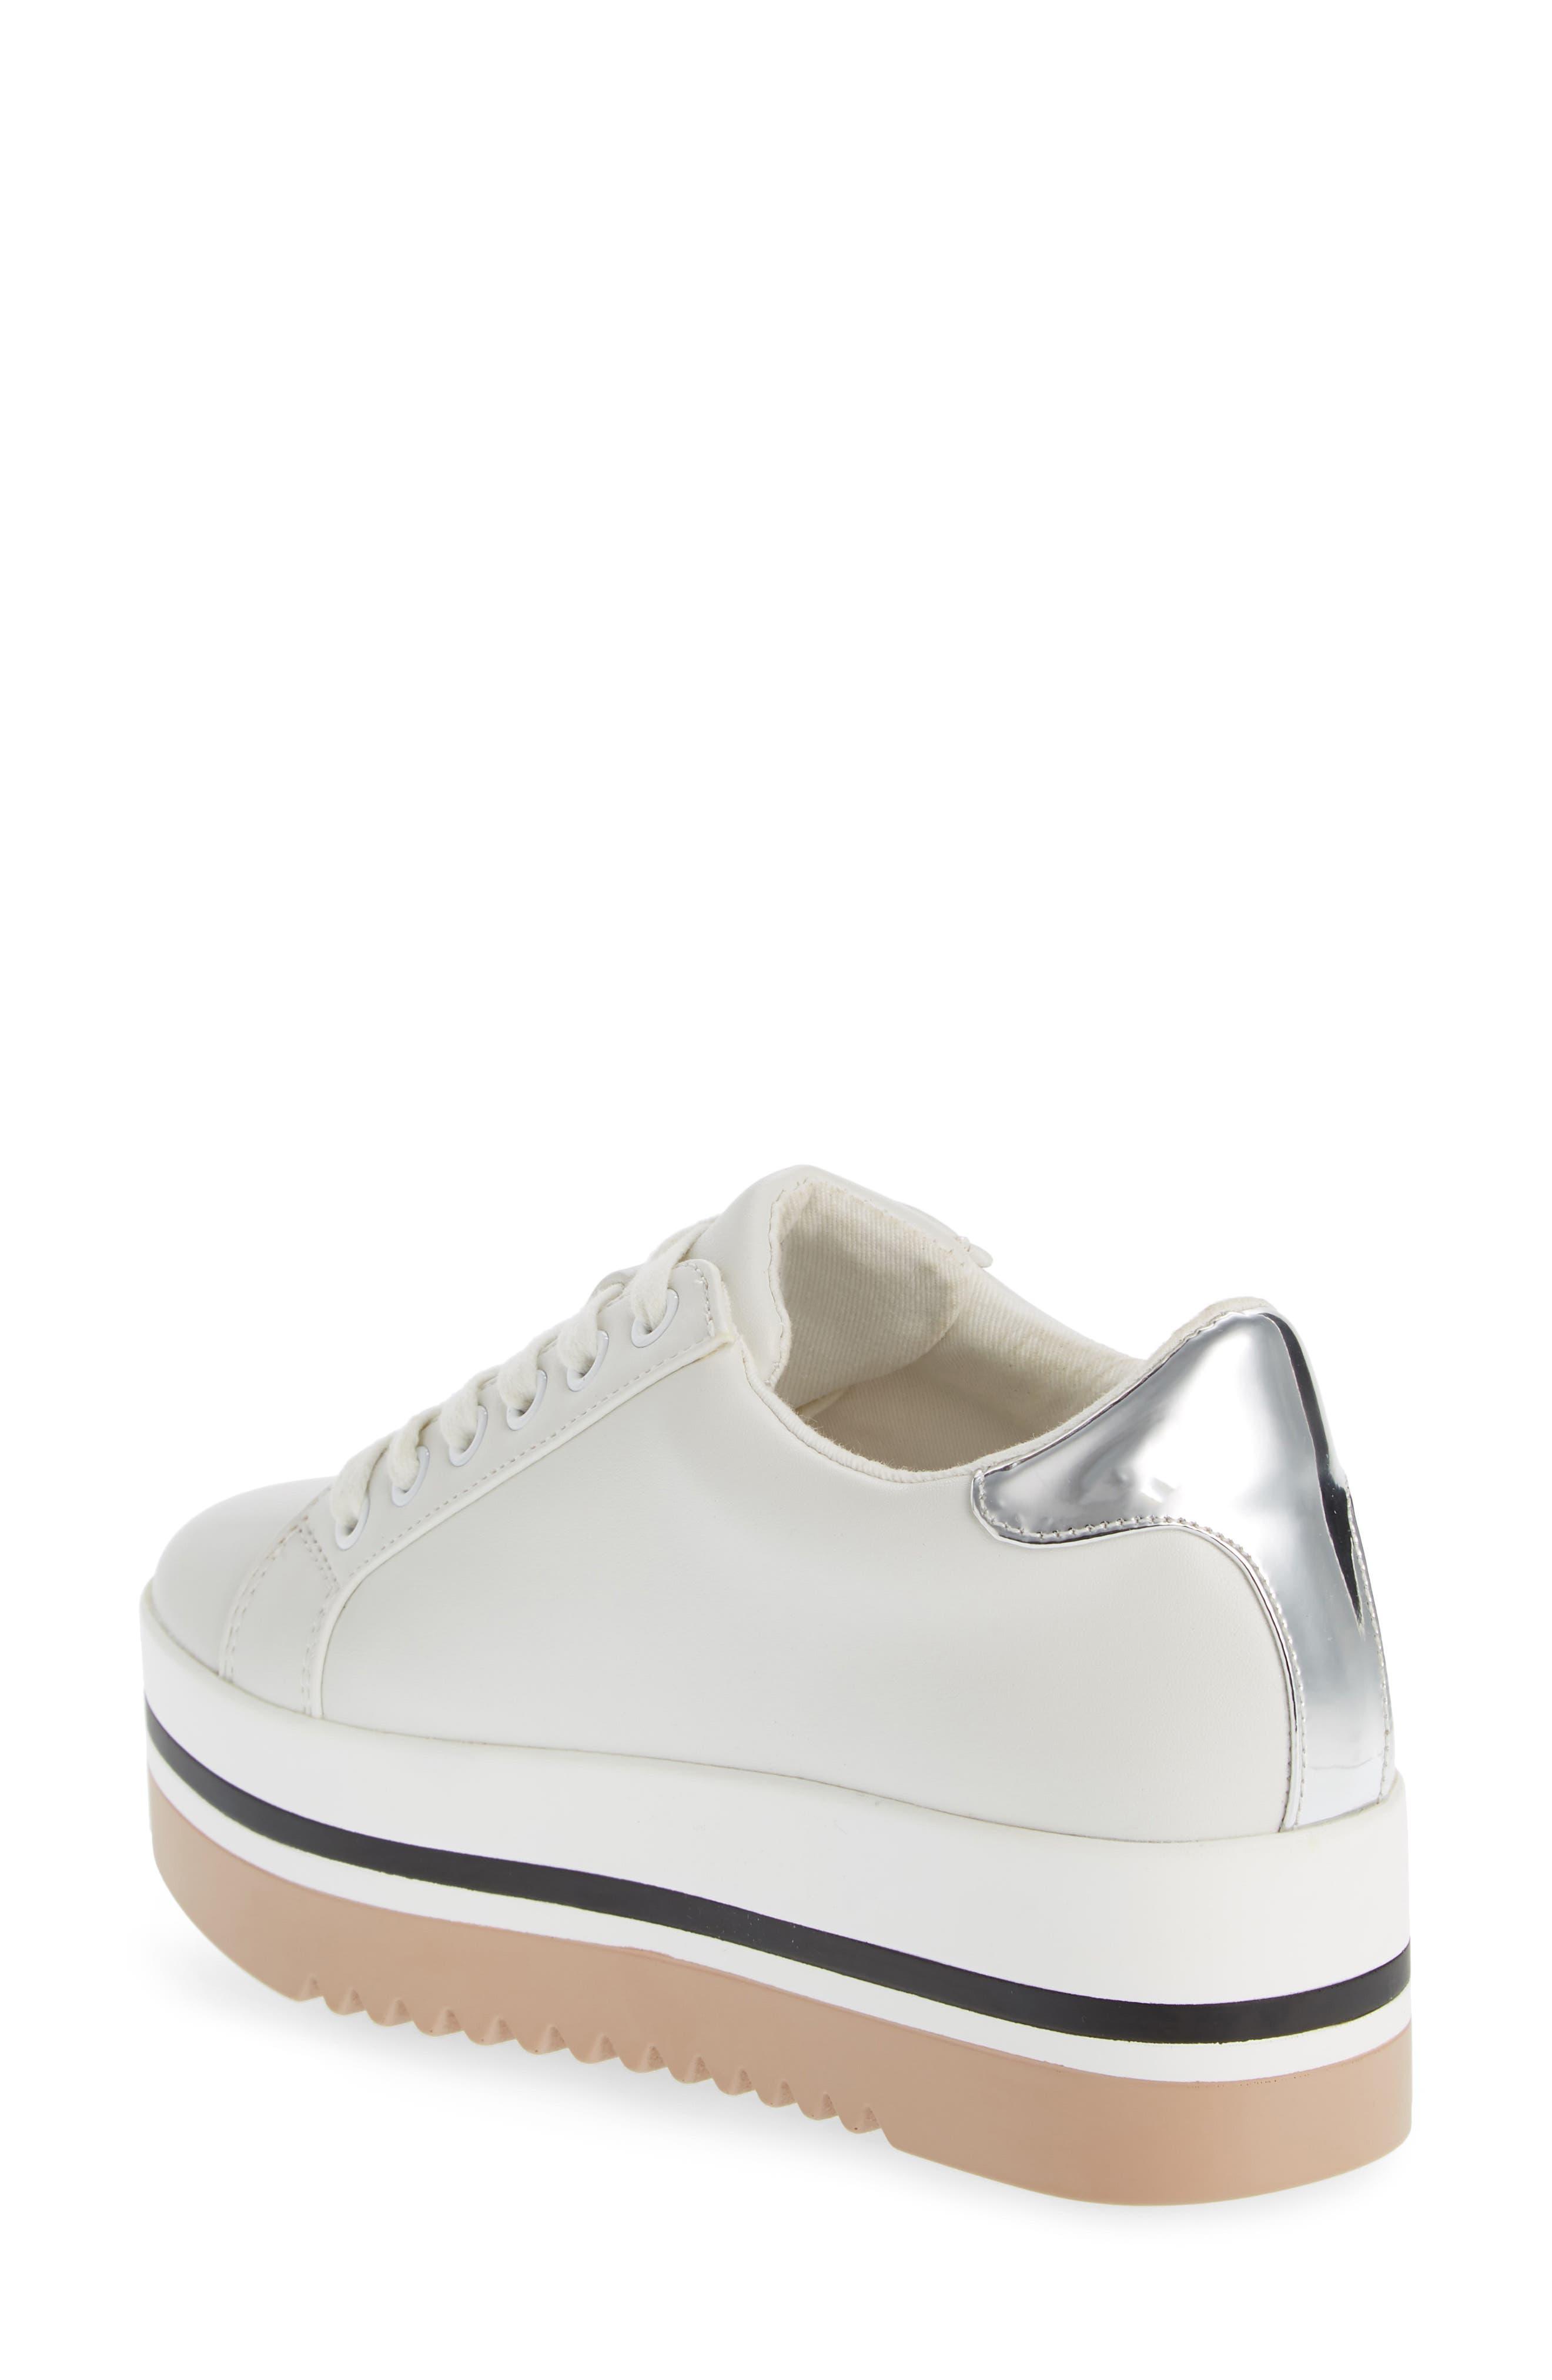 Alley Platform Sneaker,                             Alternate thumbnail 2, color,                             WHITE